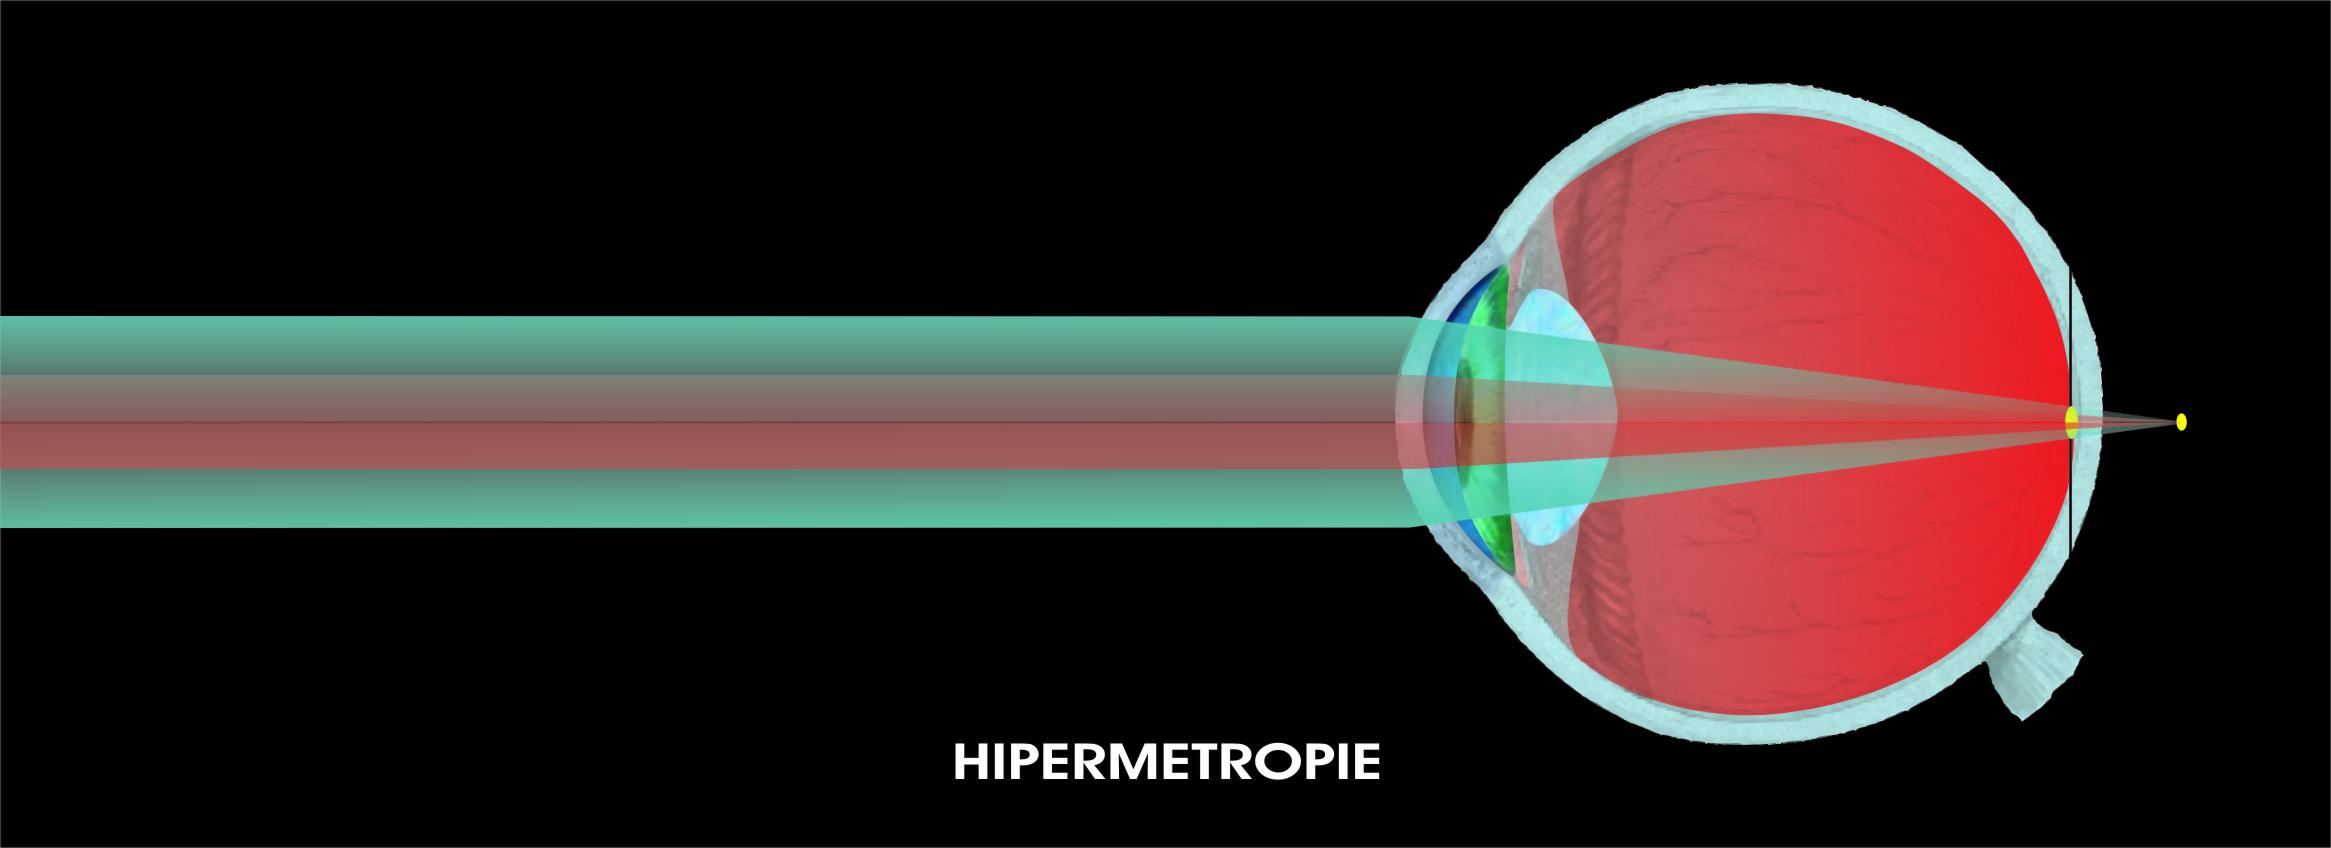 hipermetropia unei persoane este corectată folosind)